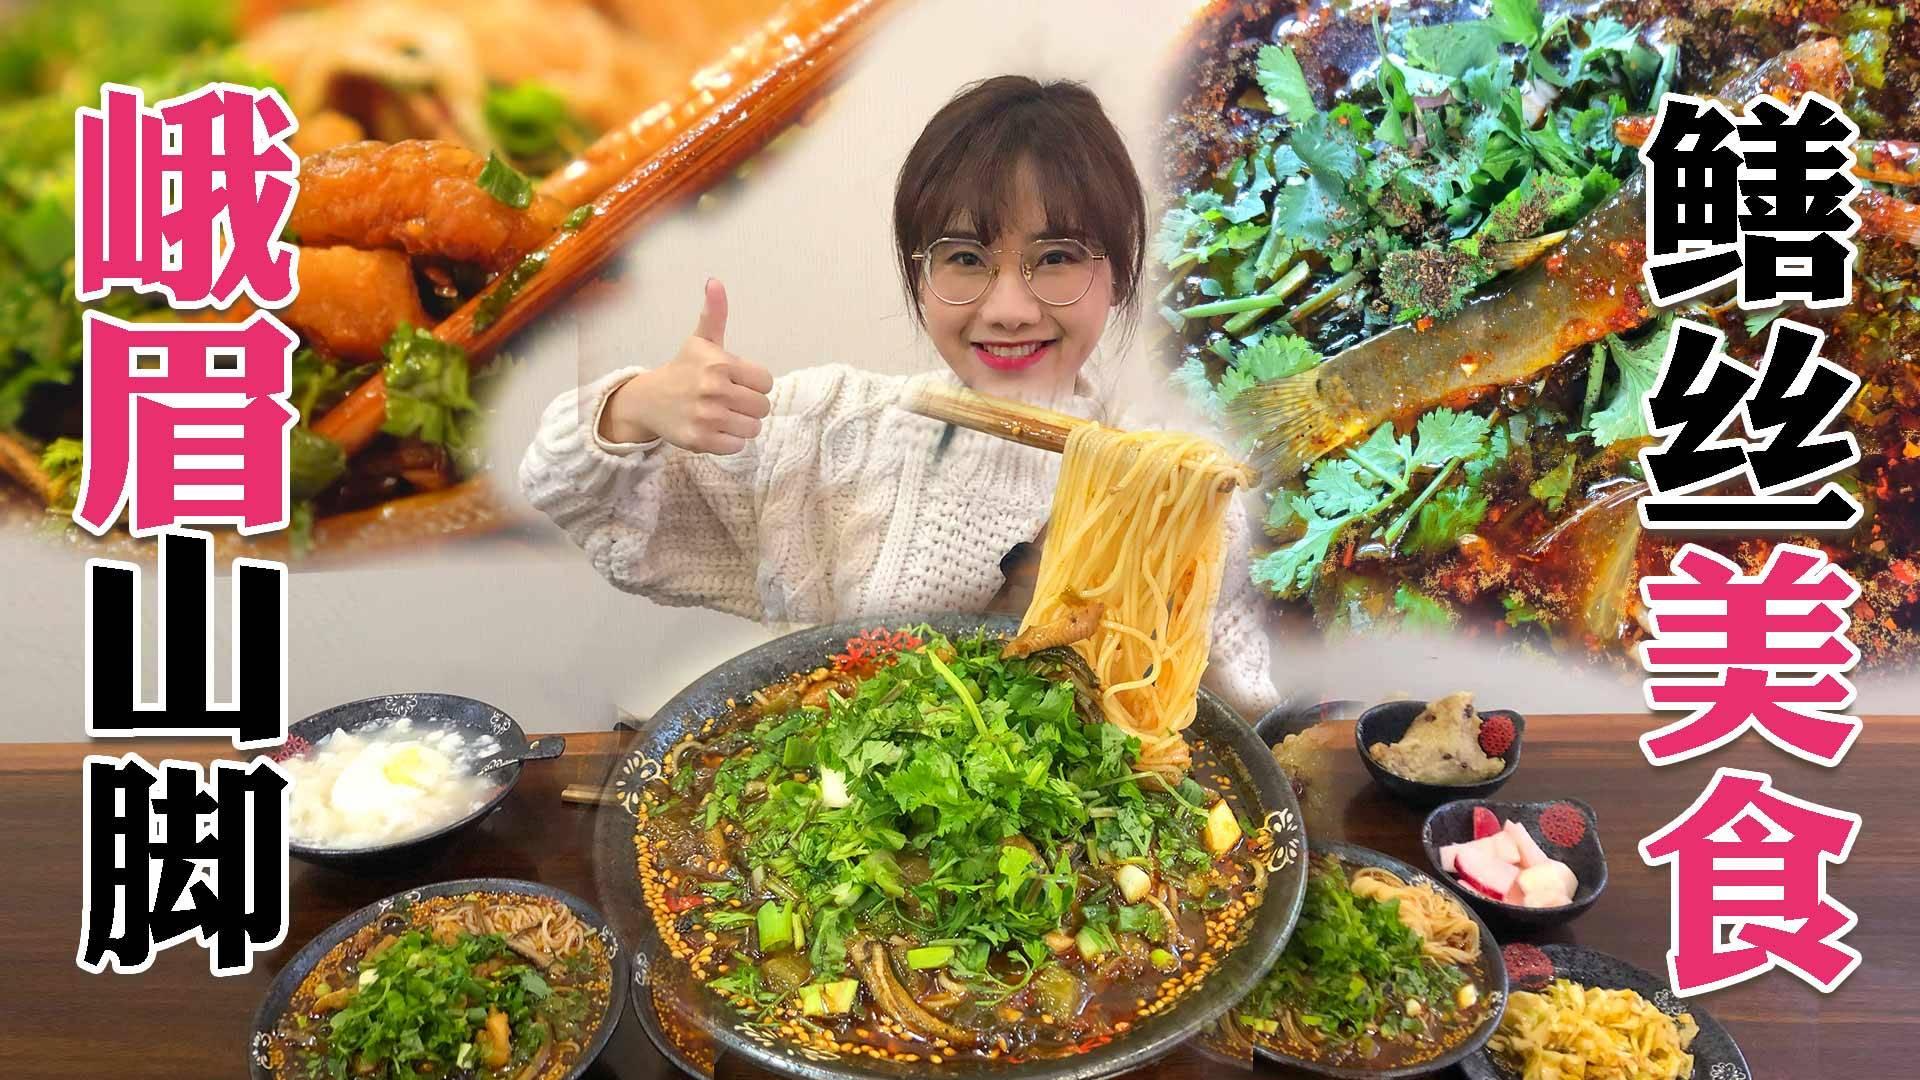 峨眉密食2·这里的鳝鱼米线、熟丝鳝鱼太下饭!乐山油炸串串味儿太足了